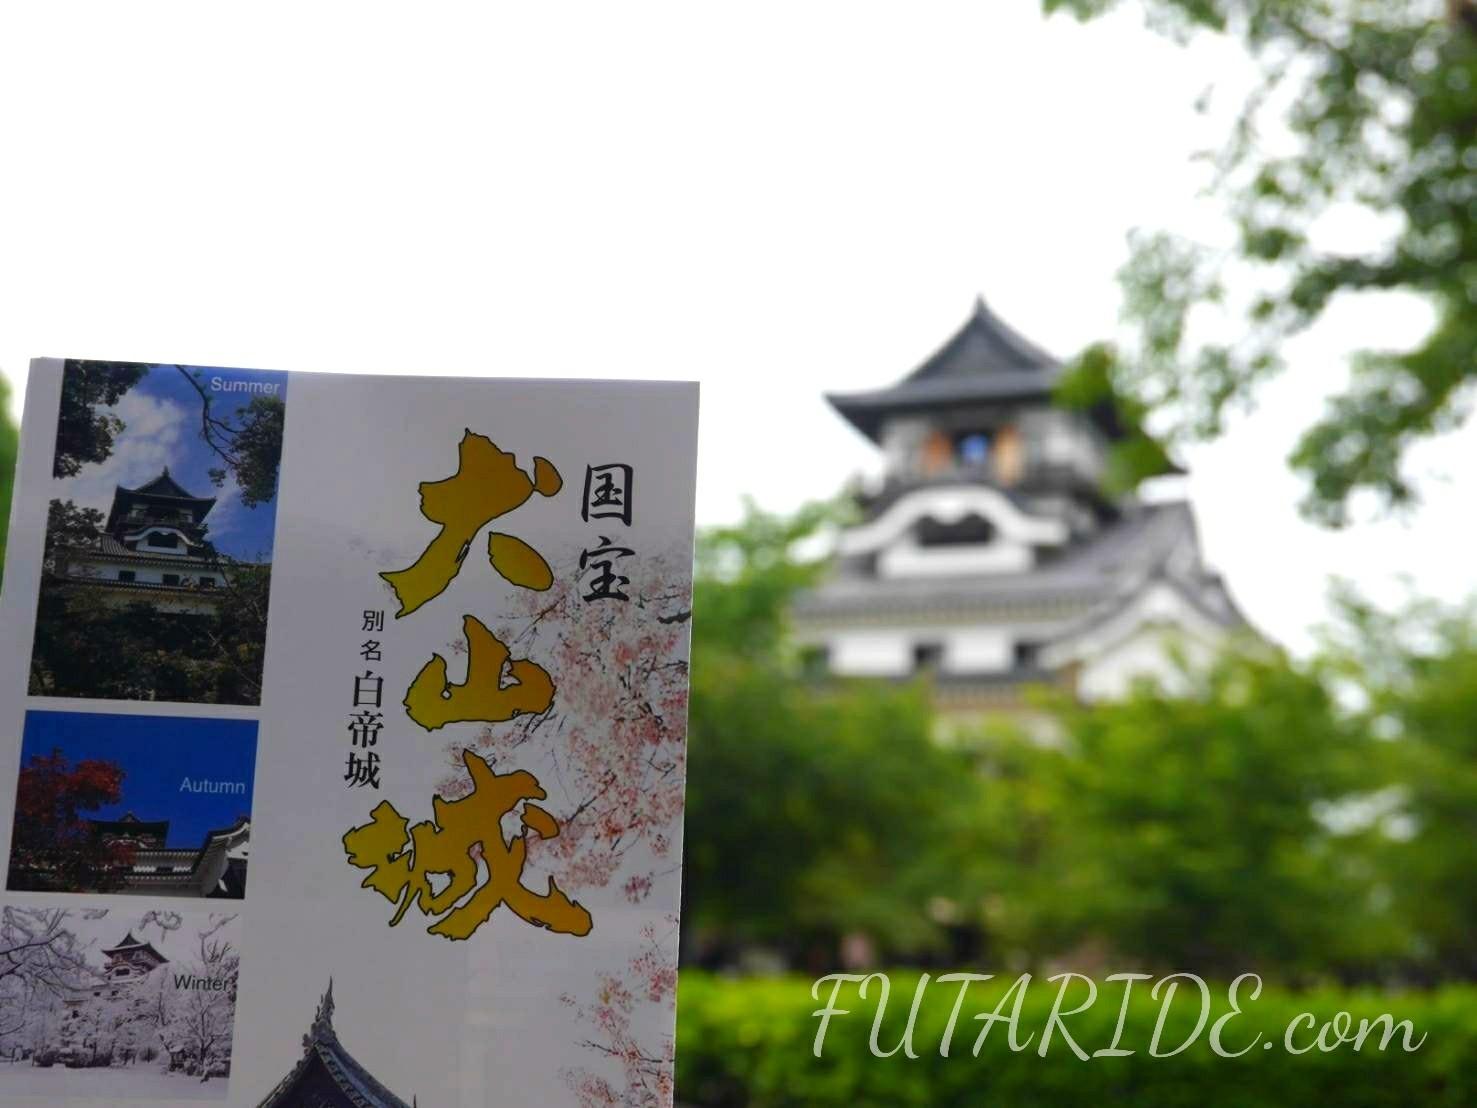 【2018年最新】犬山デートおすすめ10選!犬山のフォトジェニックな観光スポットはデートにおすすめ